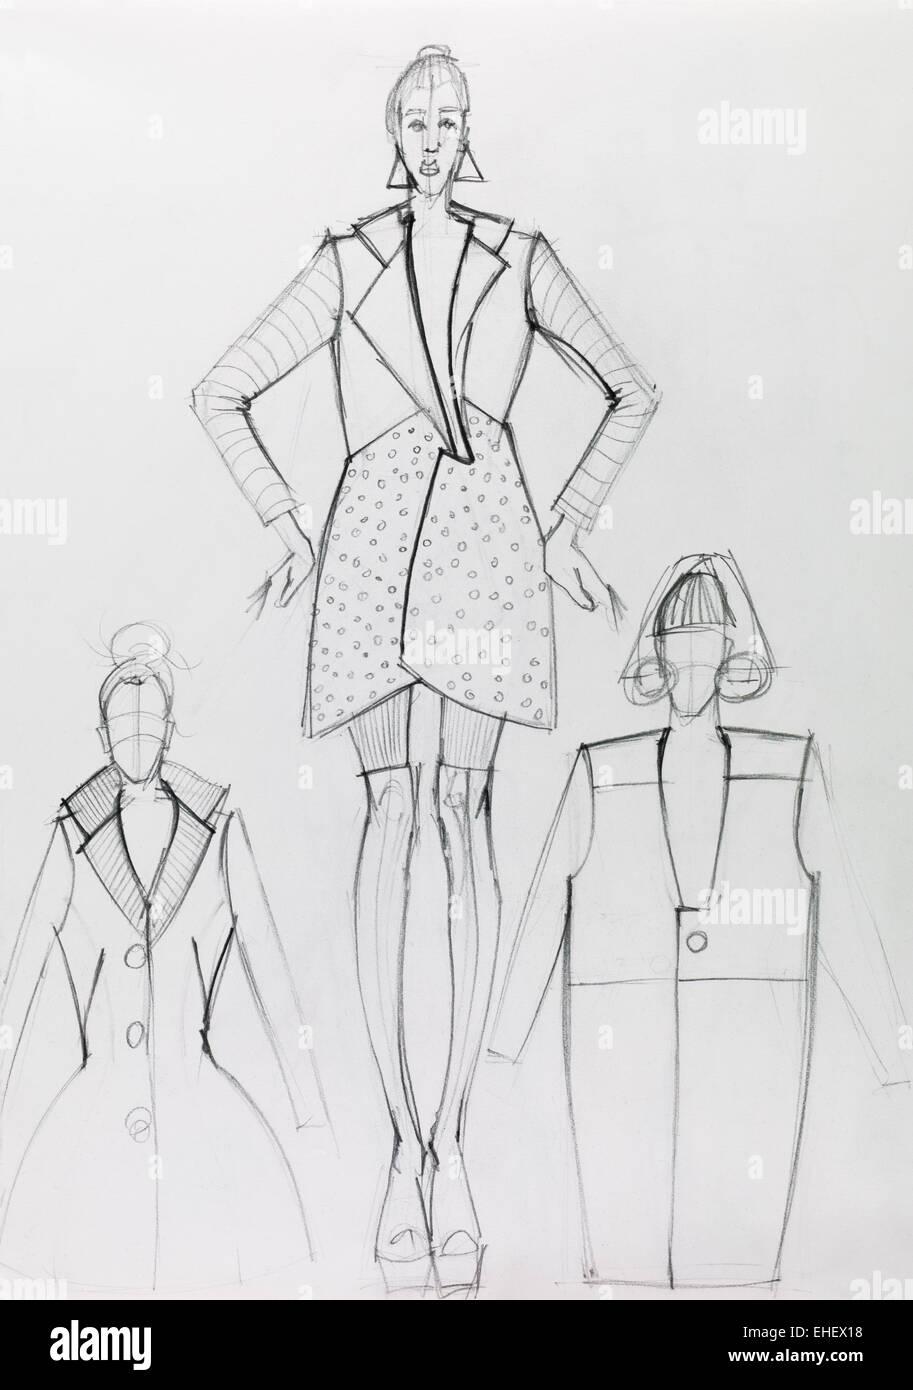 schwarze und weiße Hand gezeichneten Mode Designskizze Stockfoto